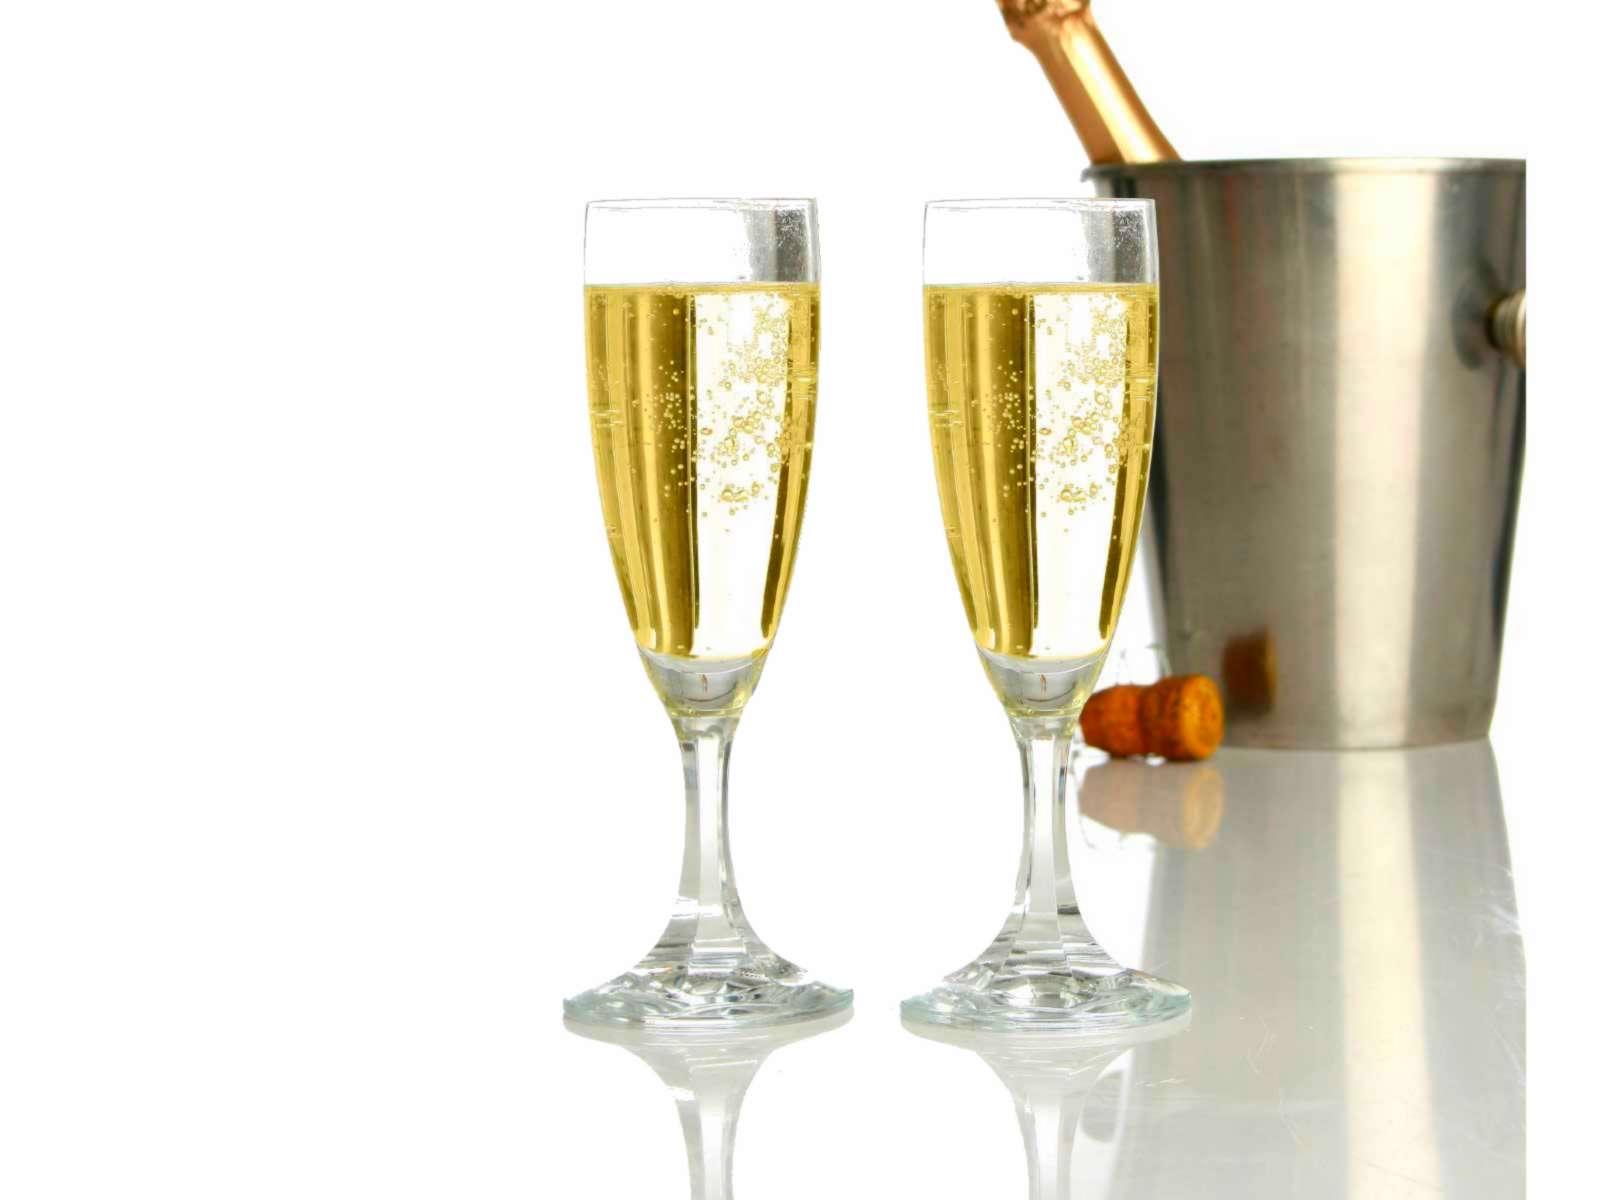 dieta dello champagne per dimagrire